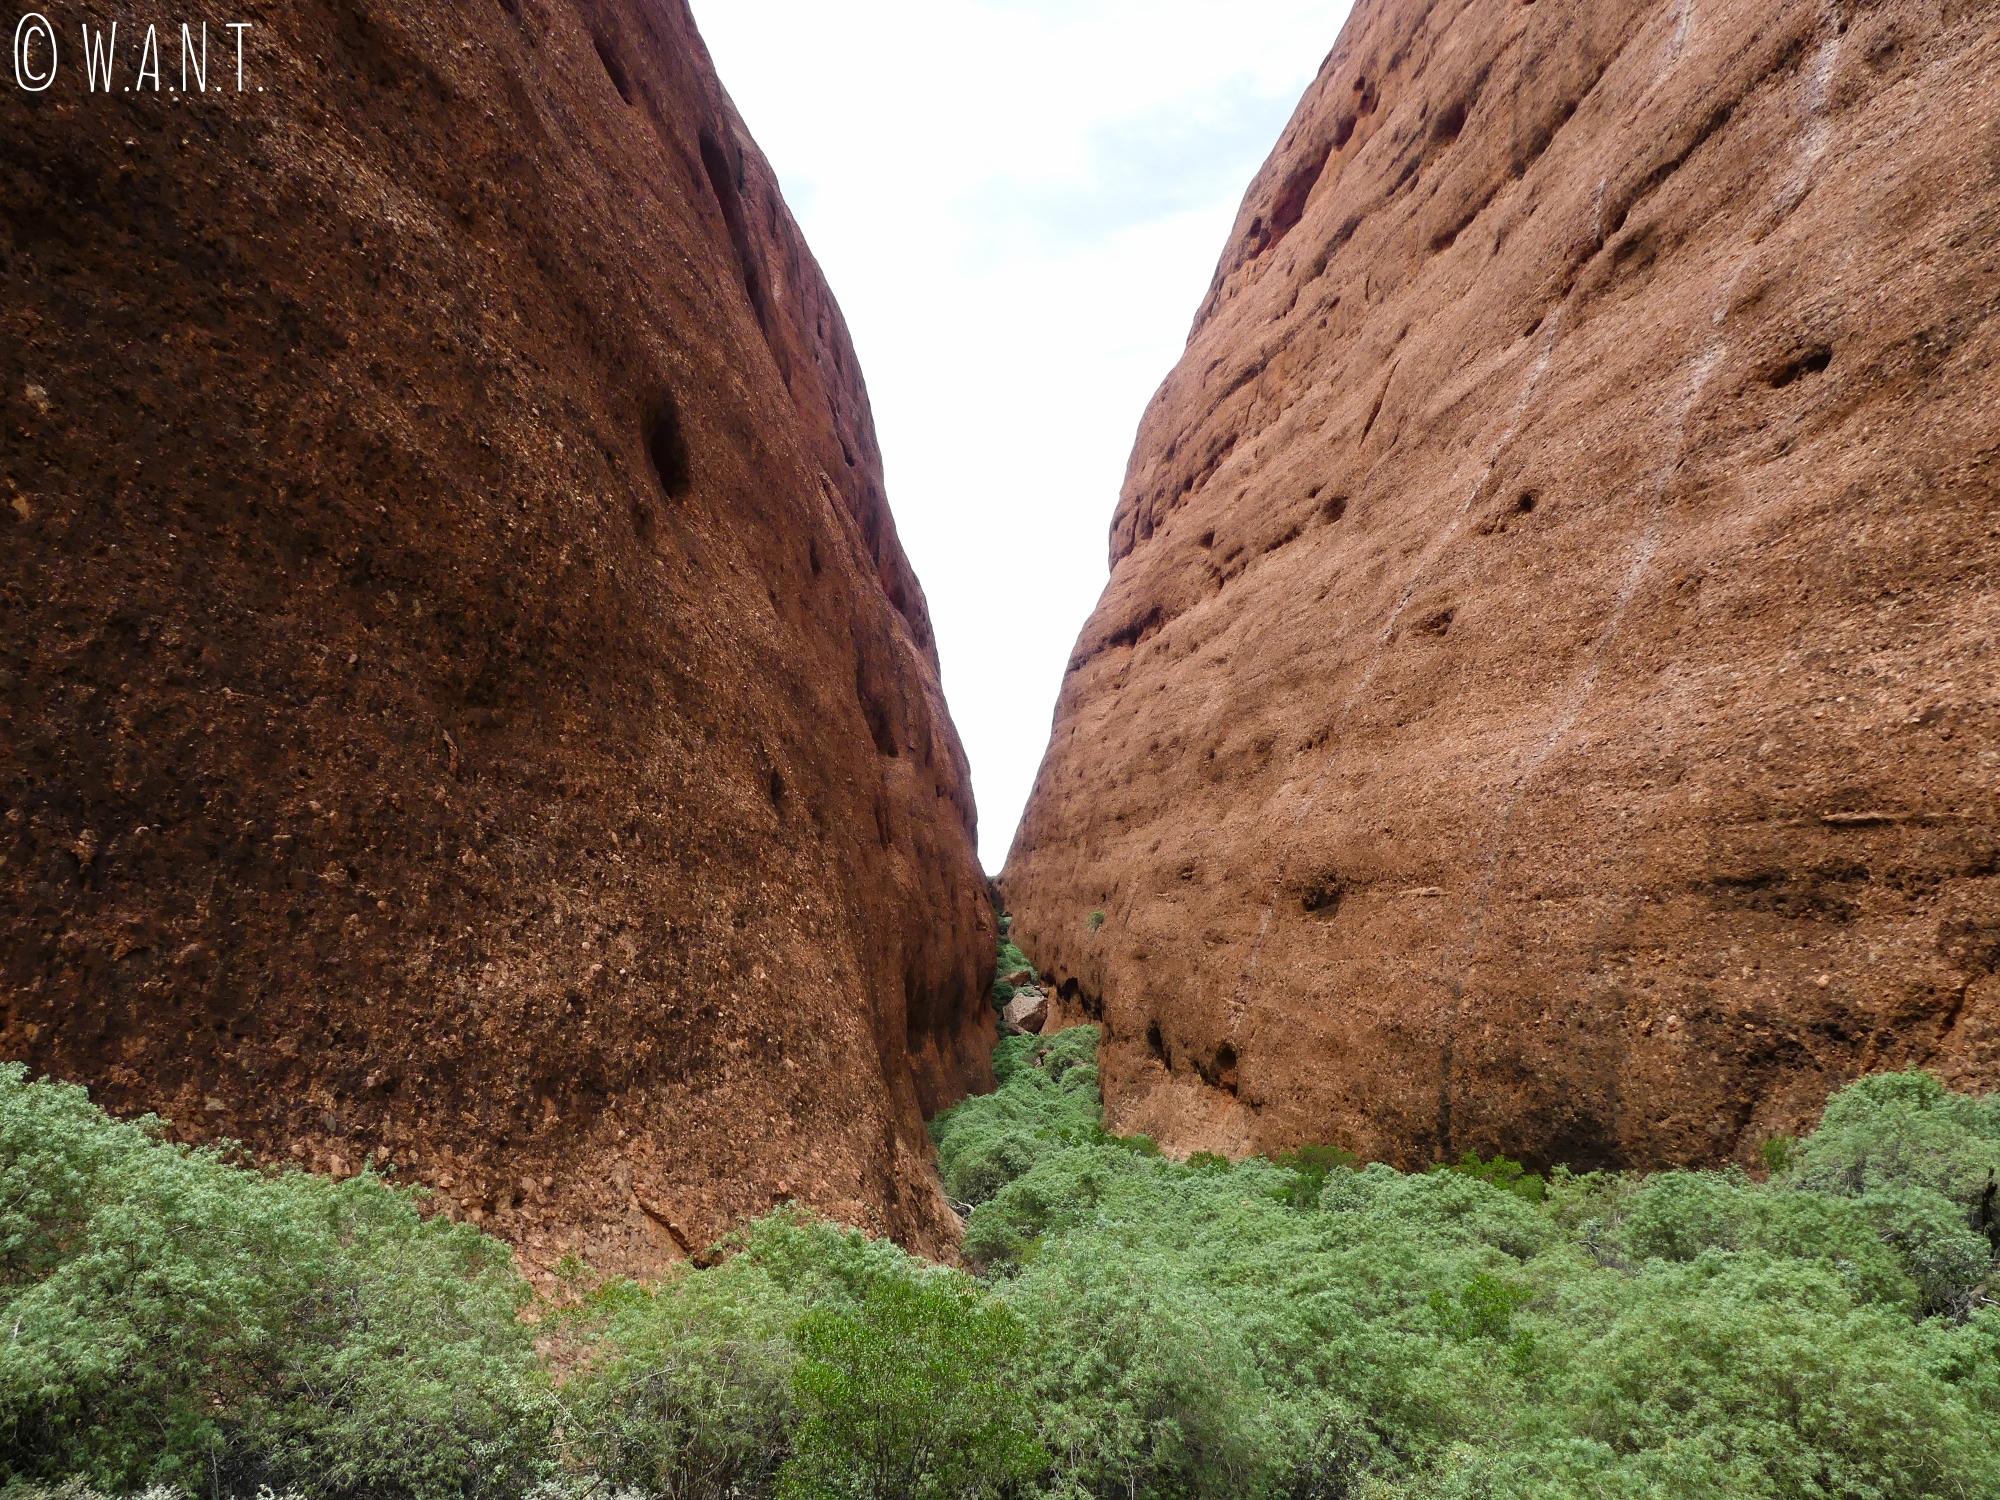 Le trail Walpa Gorge dans le parc national Uluru-Kata Tjuta permet d'accéder à ce point de vue